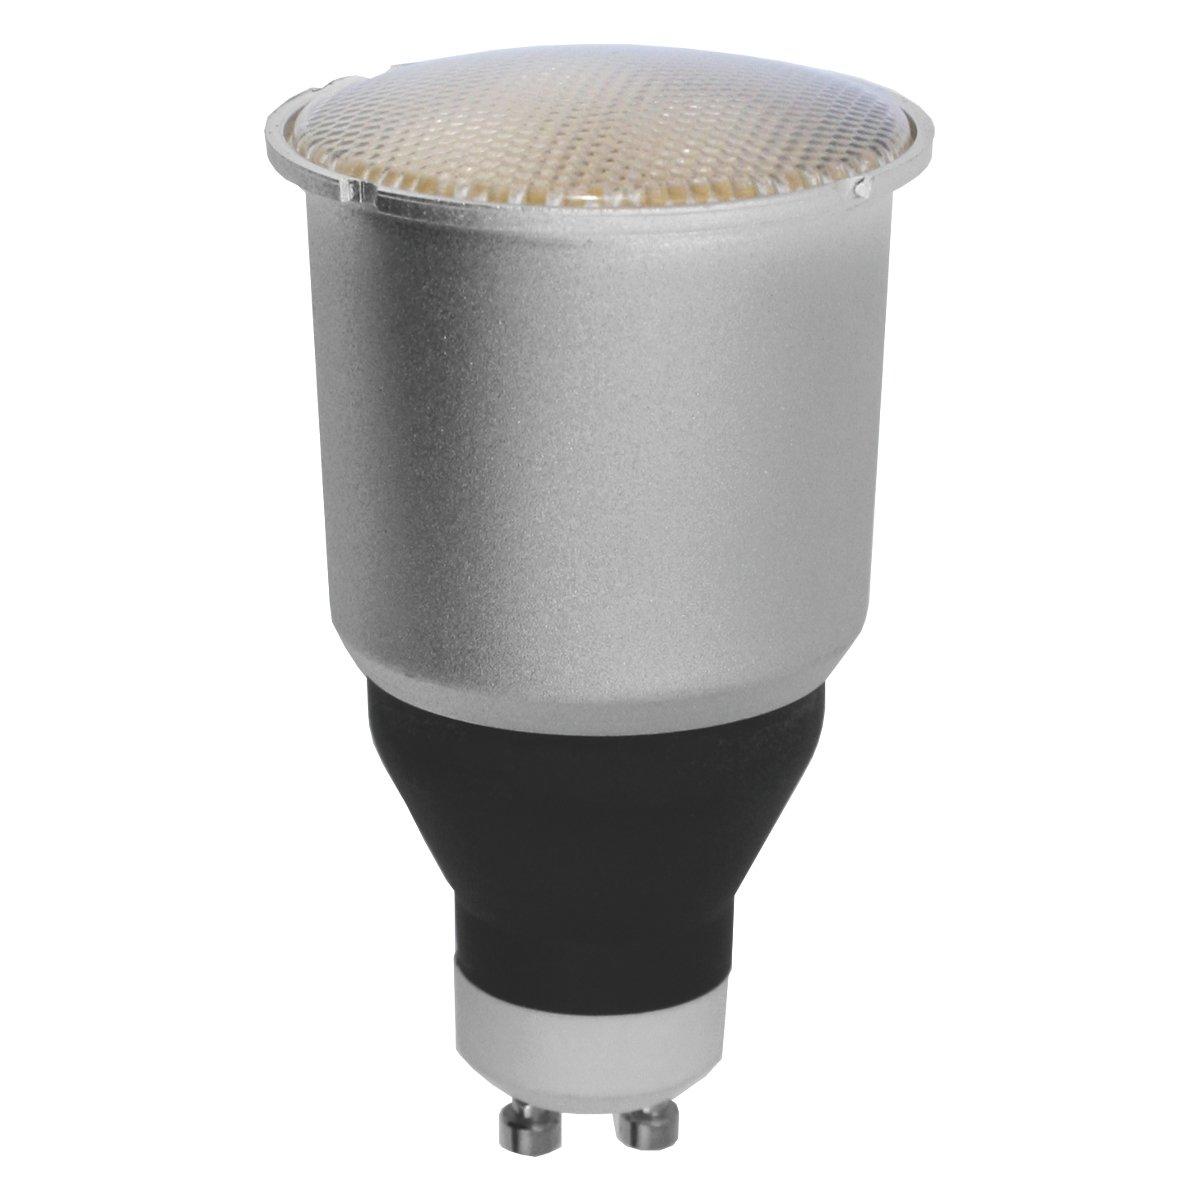 Bombilla bajo consumo GU-10 9W Luz cá lida 2700K